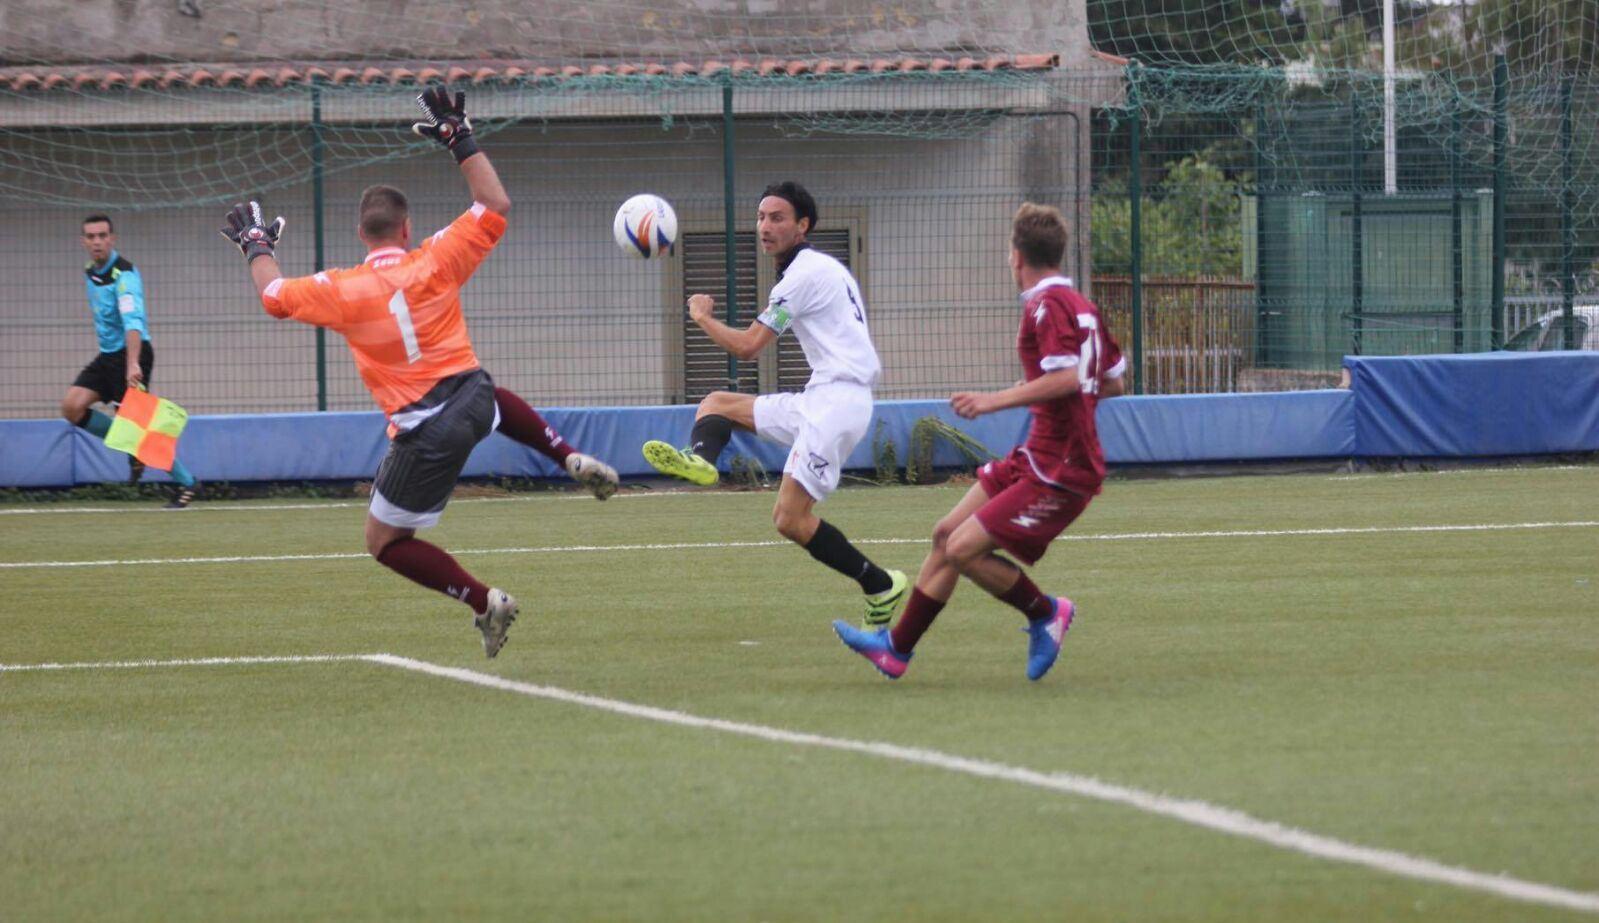 Savoia, esordio brillante in Coppa Italia: 6 reti alla Puteolana 1909